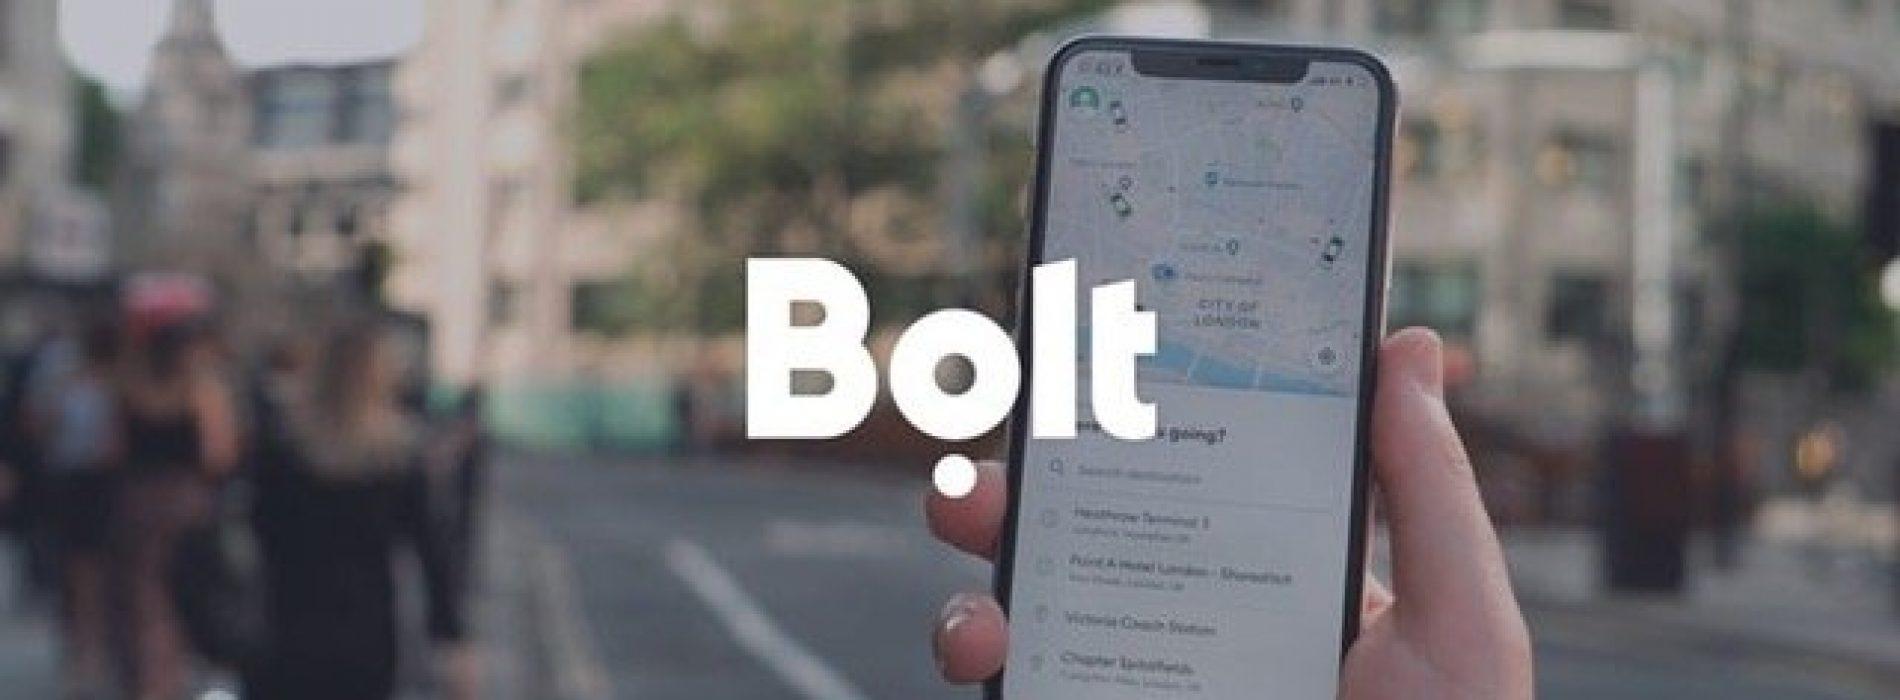 IFC investe 24 milioni di dollari in Bolt per l'espansione nei mercati emergenti